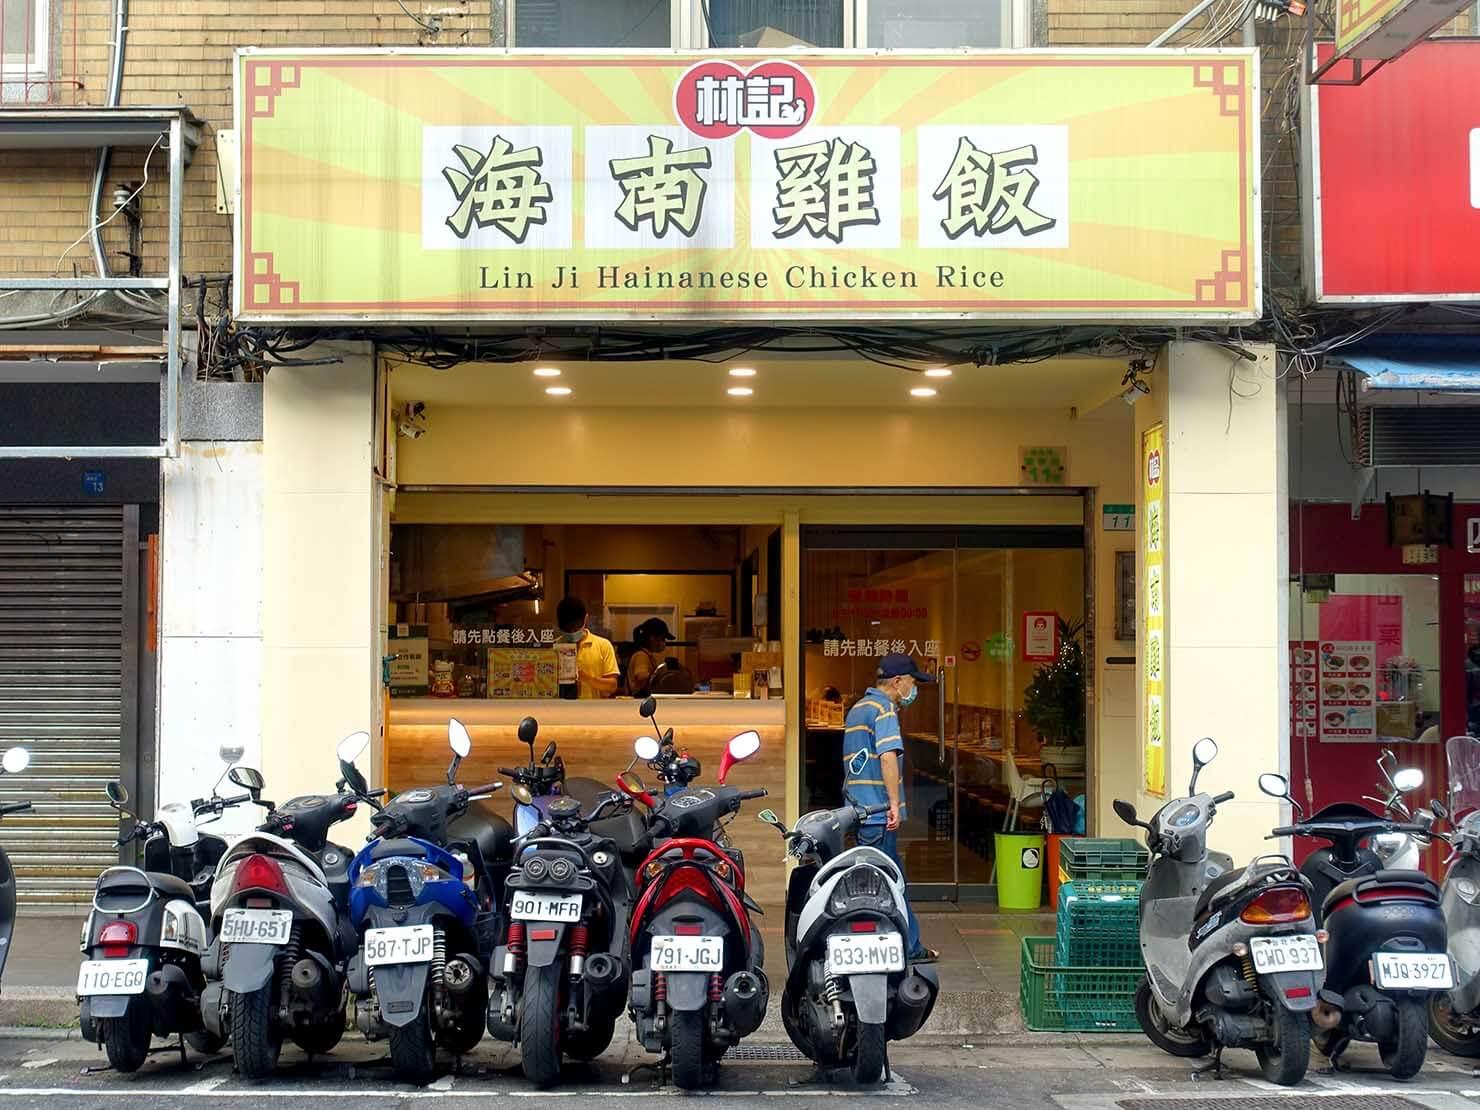 台北・遼寧街夜市のおすすめグルメ店「林記海南雞飯」の外観